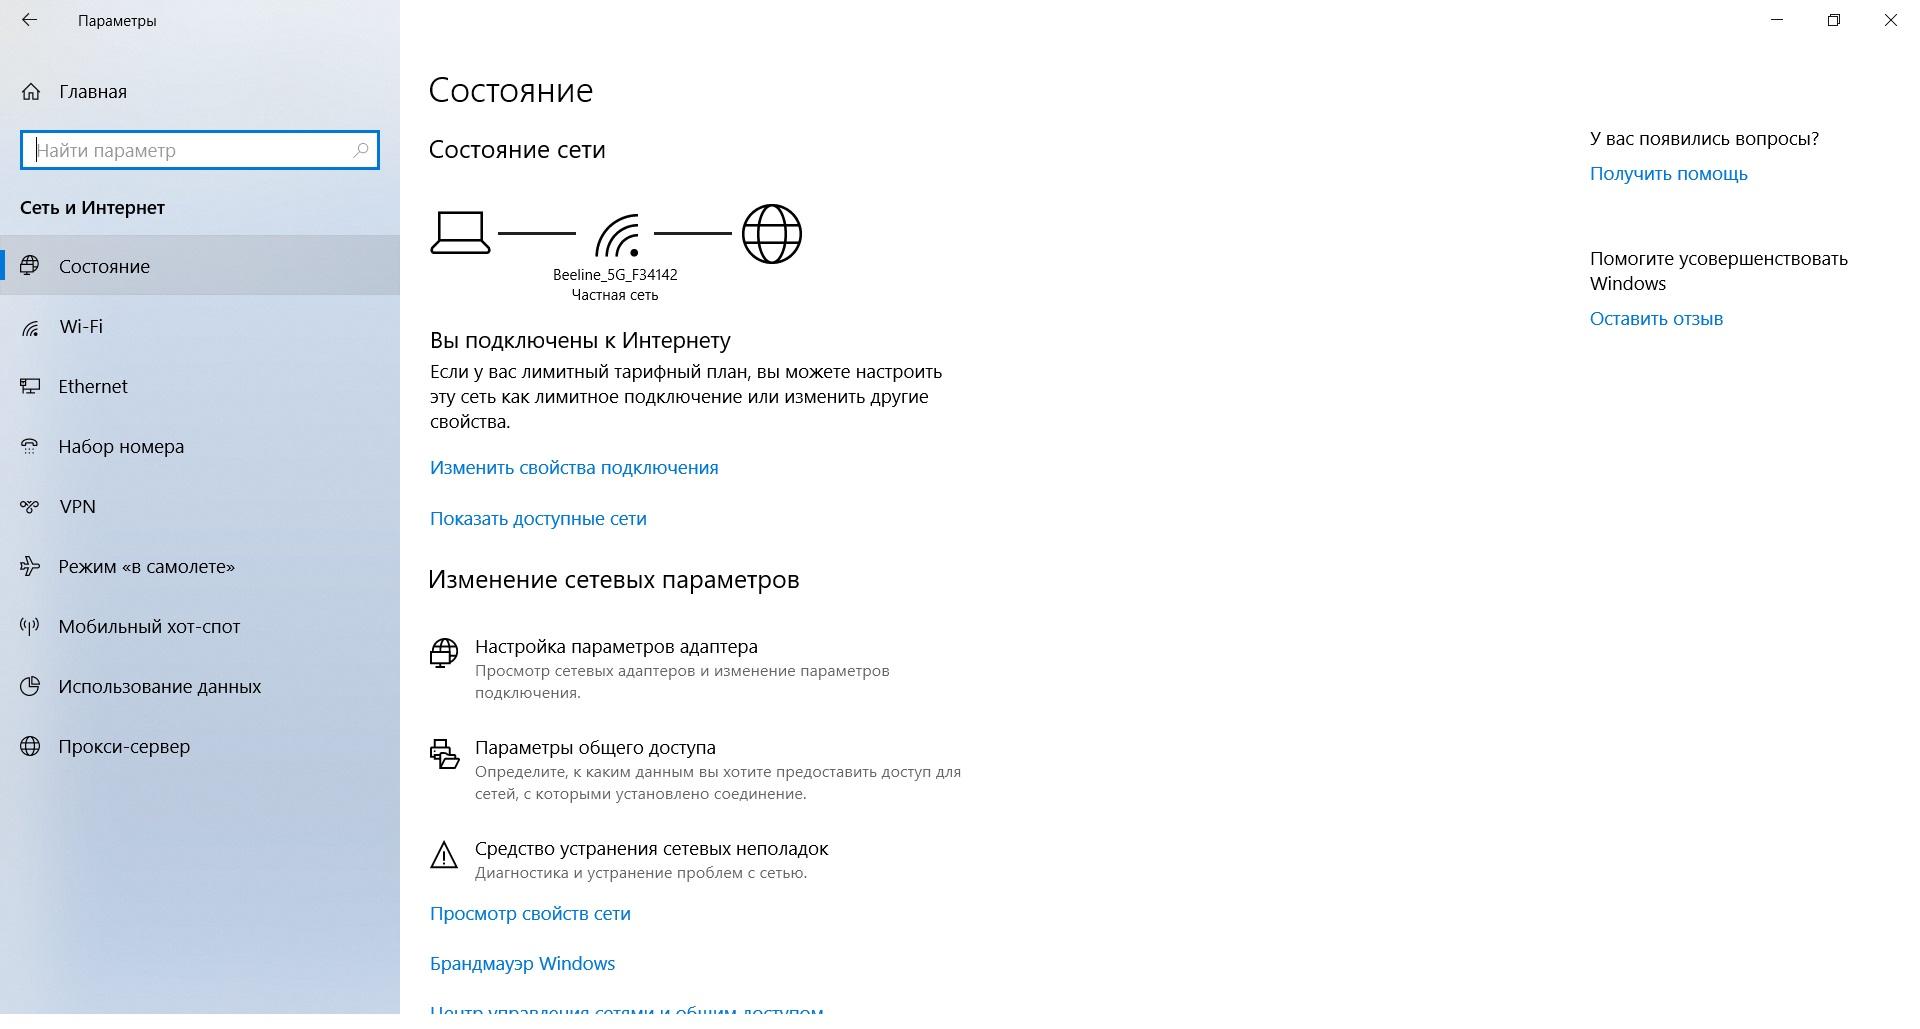 Открыть «Сеть и Интернет» и в левом меню выбрать «Состояние»